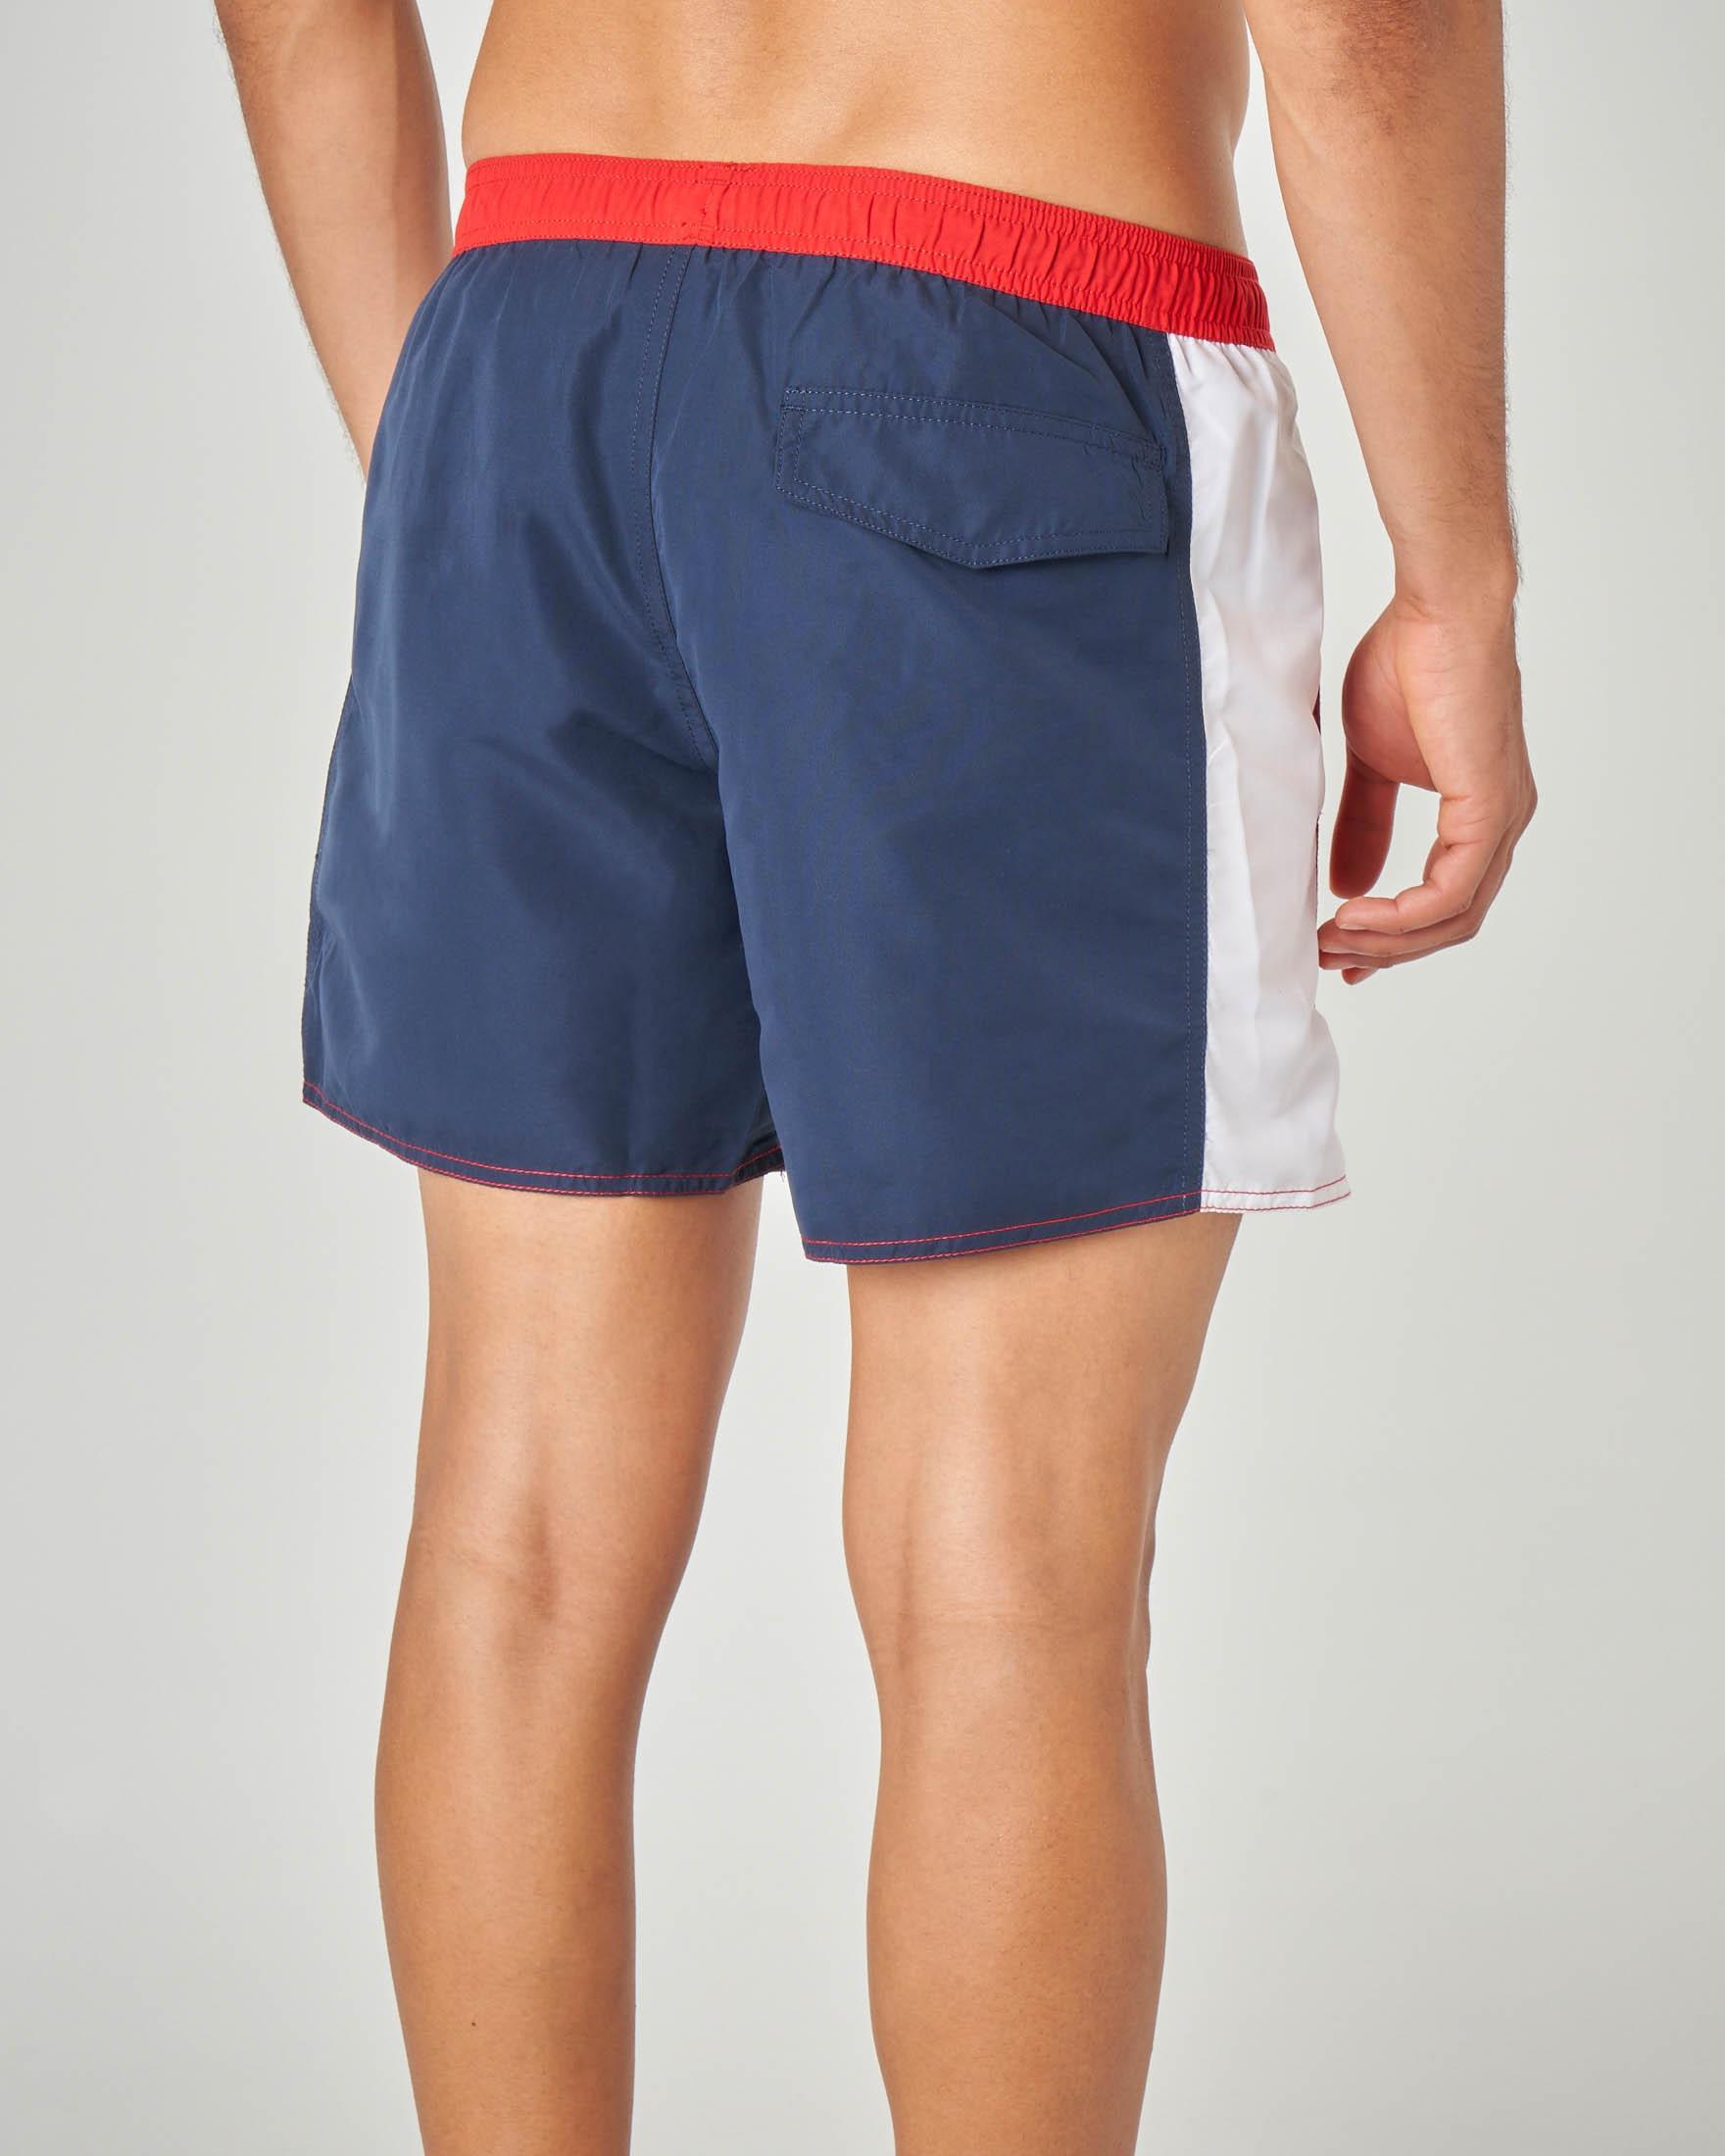 Costume boxer rosso e blu con banda bianca e logo